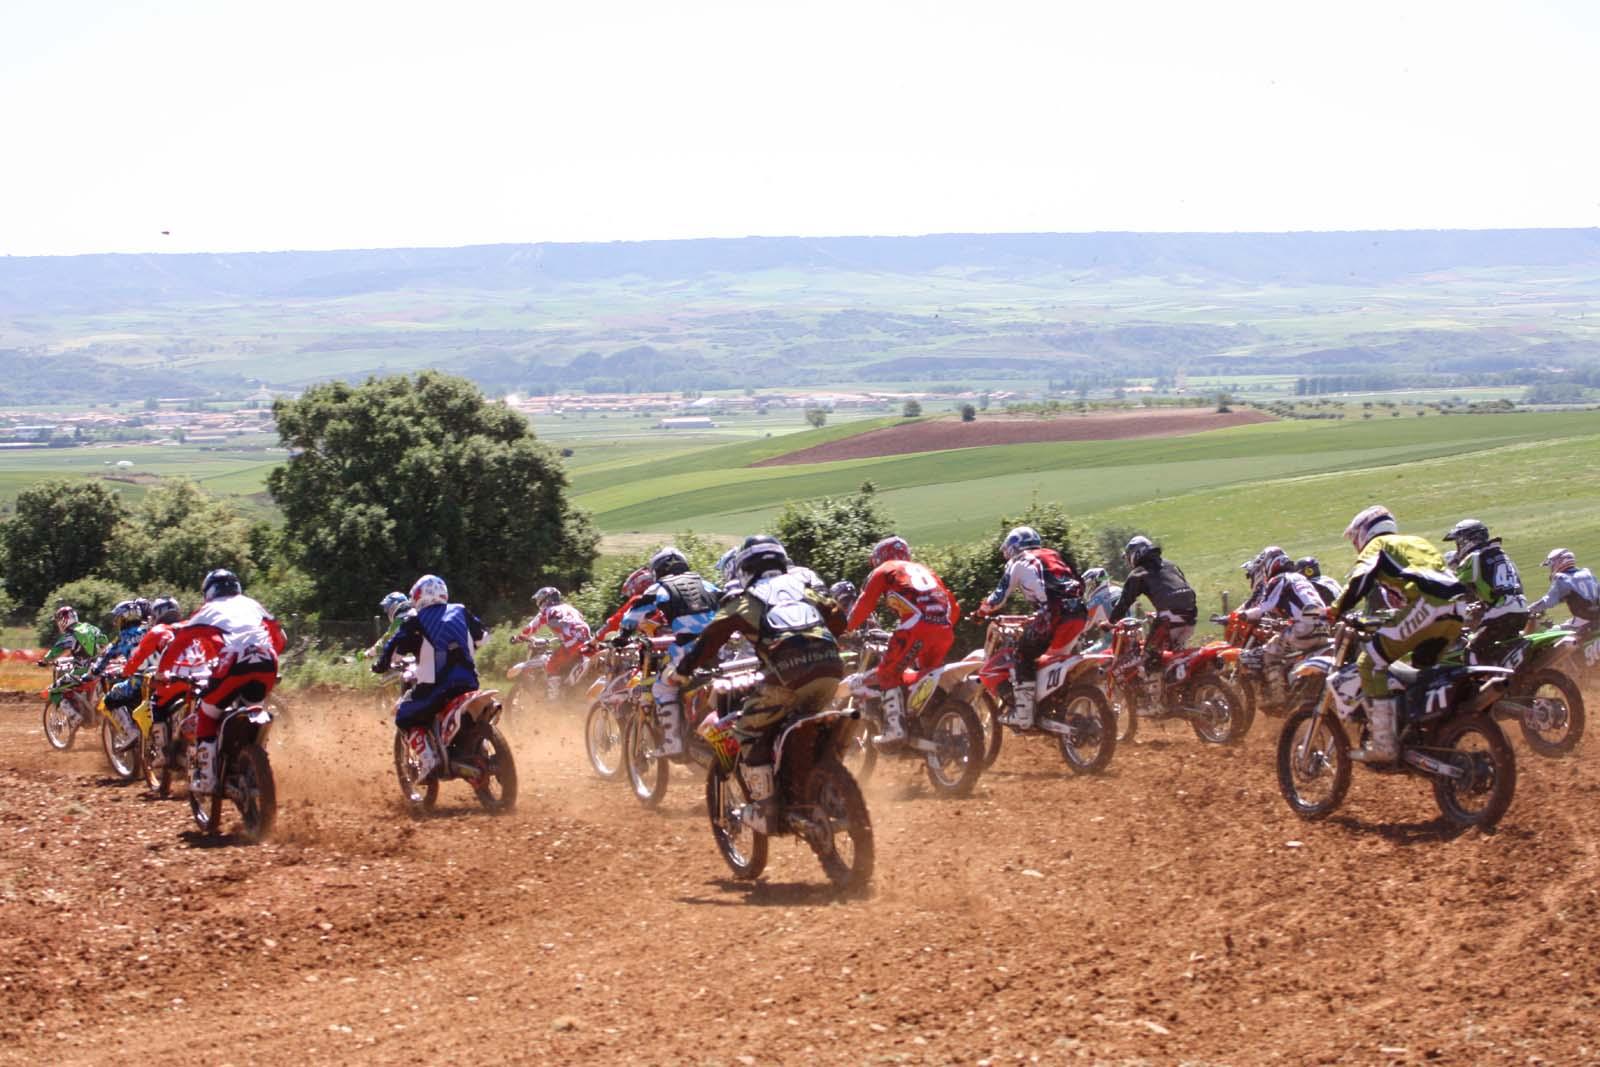 El próximo domingo, 23 de noviembre, el Campeonato de Castilla-La Mancha de motocross tiene una cita en el circuito de Yunquera de Henares